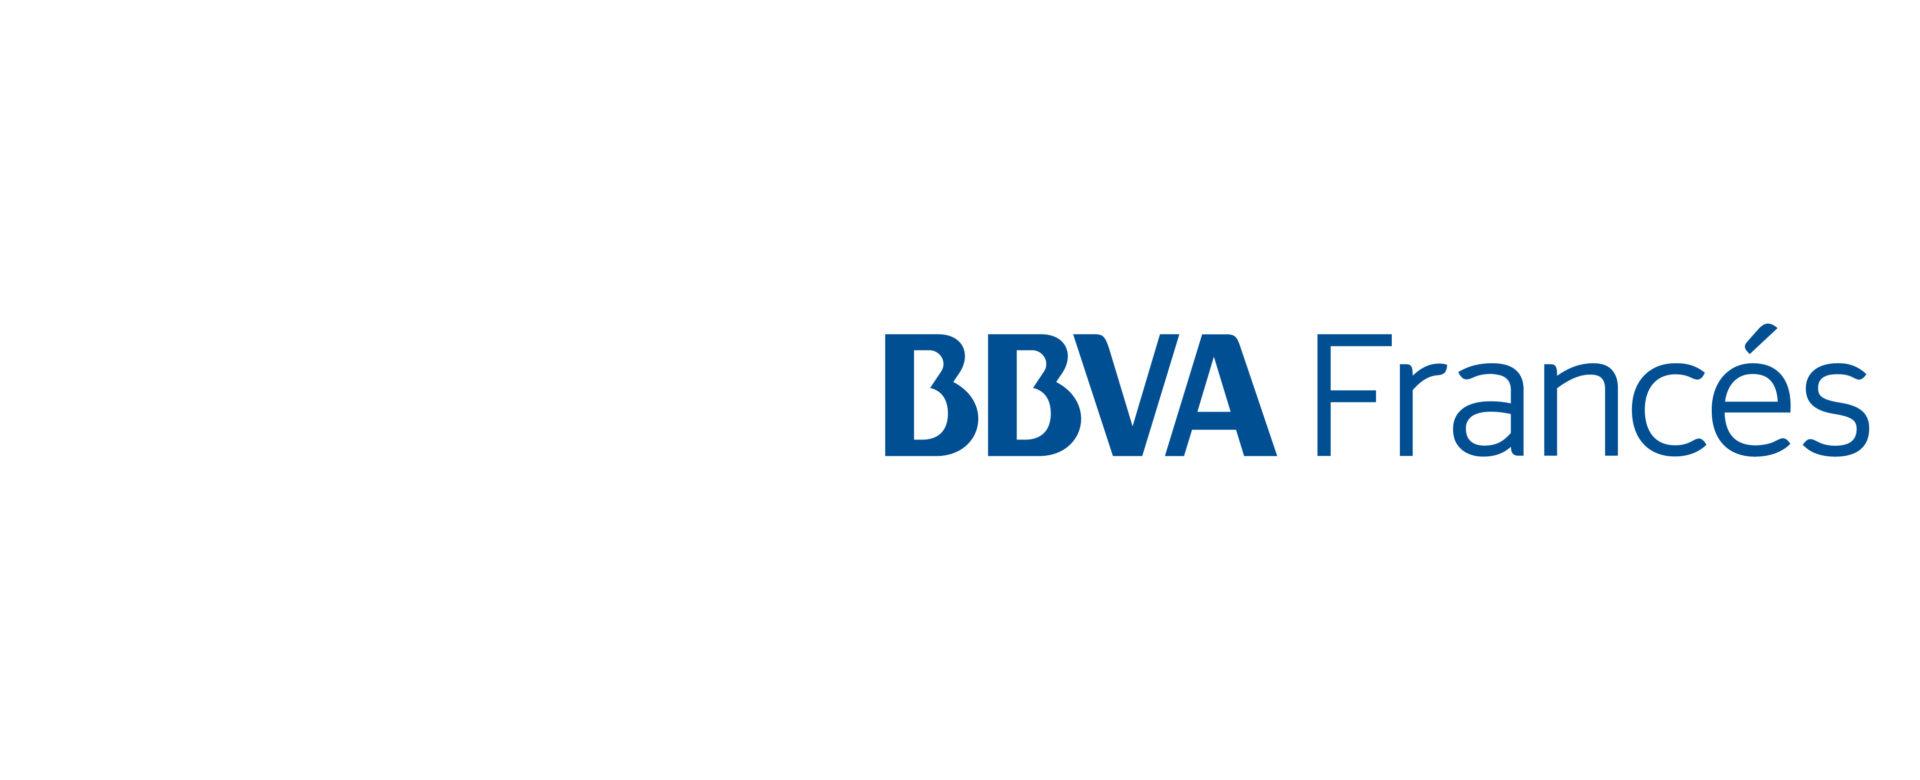 Sacar Turno Banco BBVA Frances